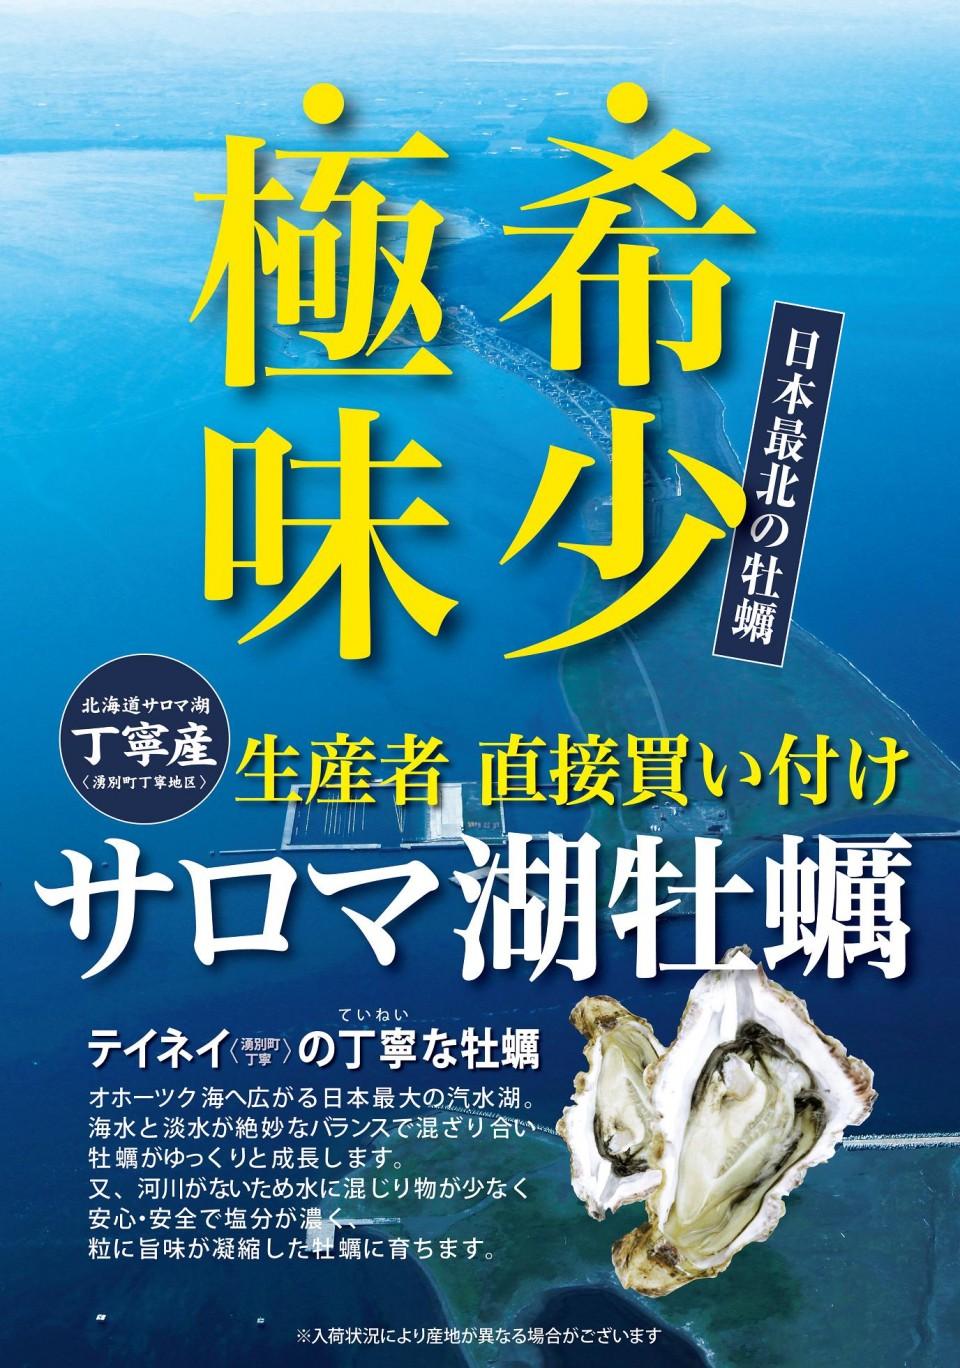 1611サロマ湖牡蠣_A3-01